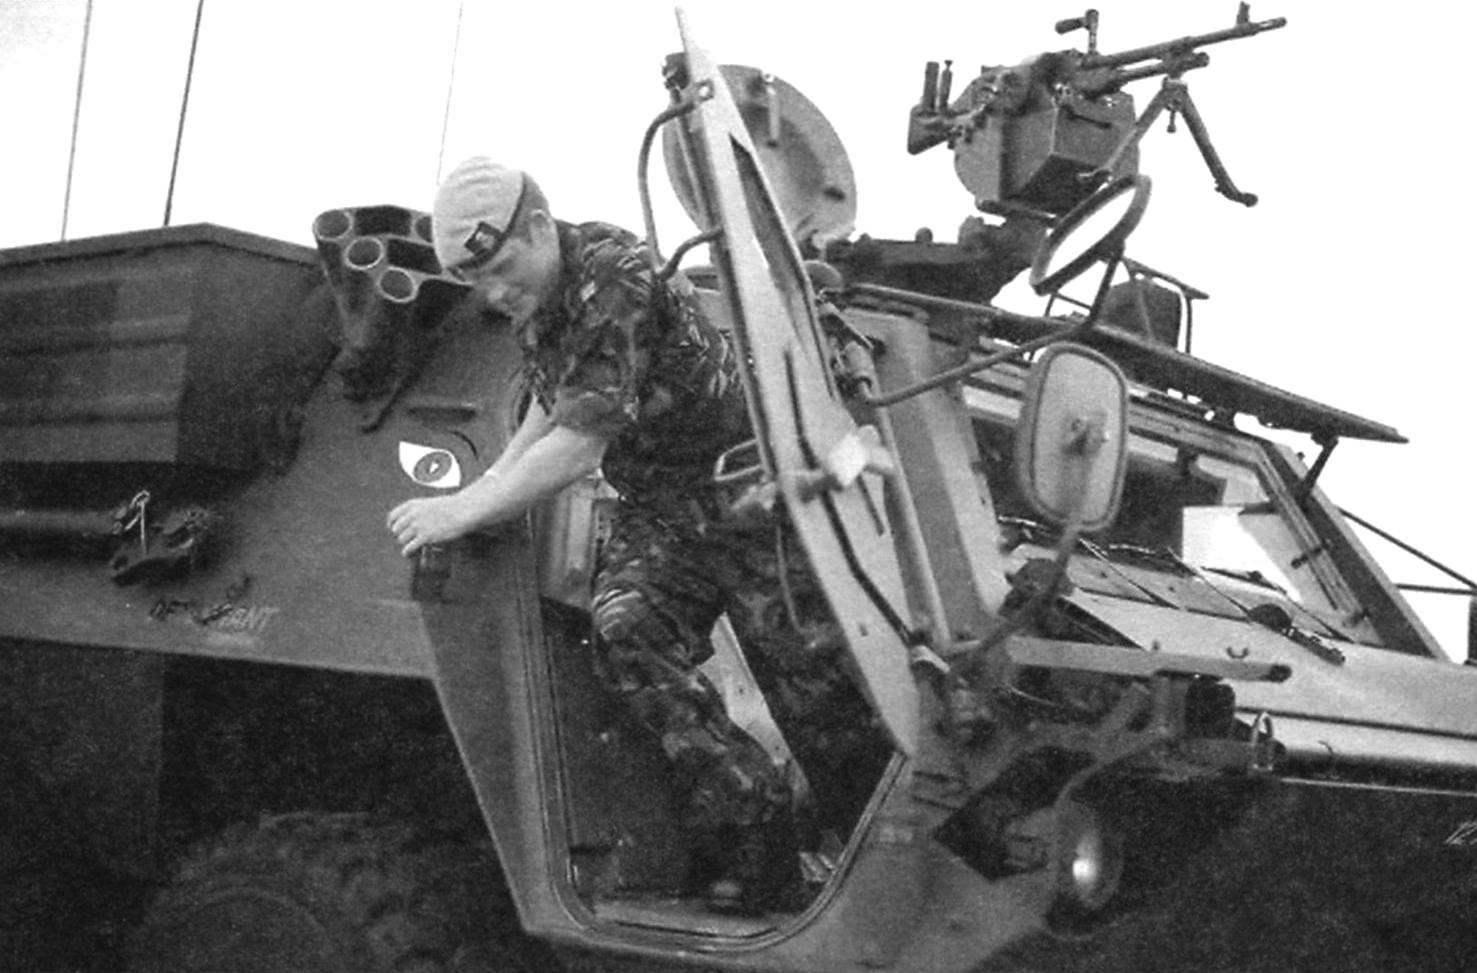 Вооружение БТР «Фукс» составляют 7,62-мм пулемёт MG3, установленный перед люком командира машины, и дымовые гранатомёты по бортам